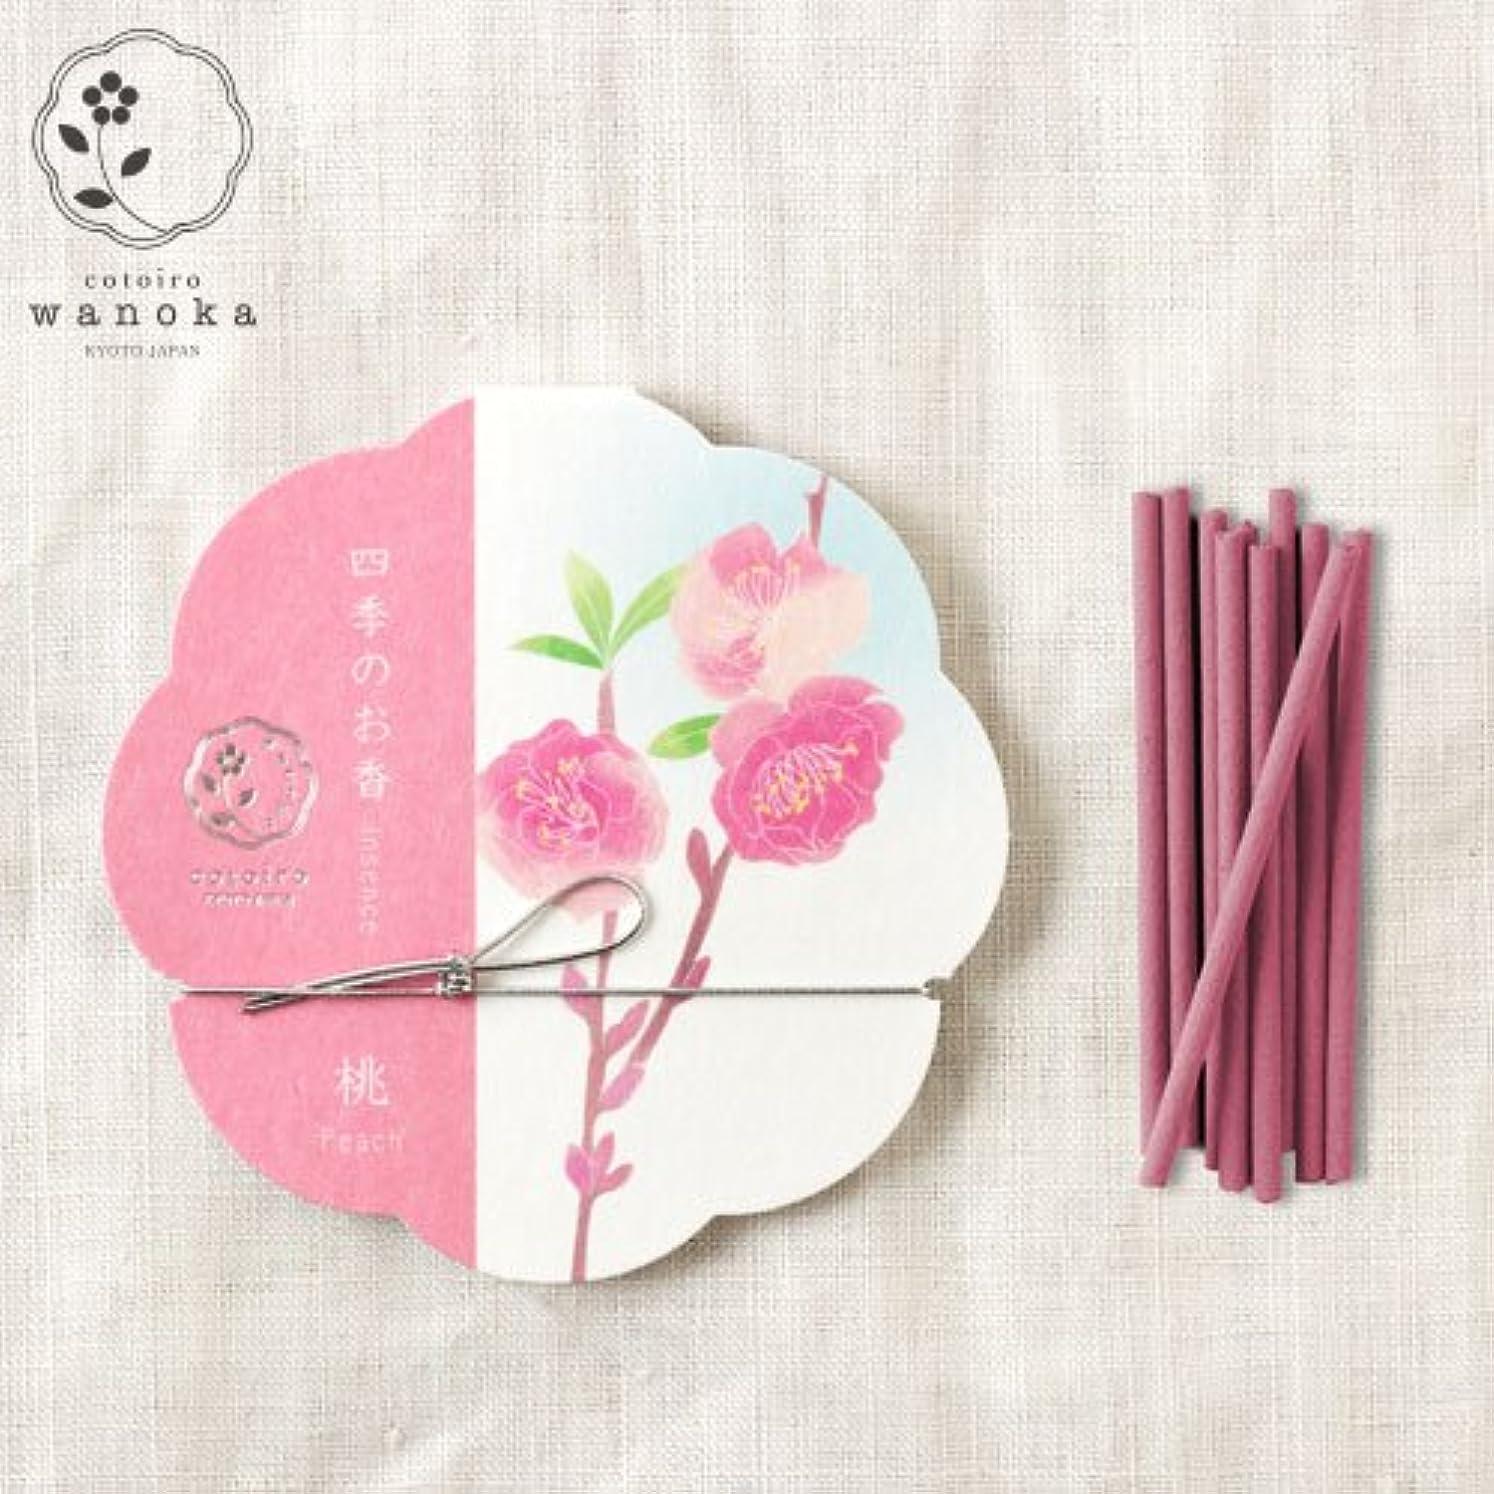 散髪アクチュエータ類推wanoka四季のお香(インセンス)桃《桃のお花をイメージした甘い香り》ART LABIncense stick